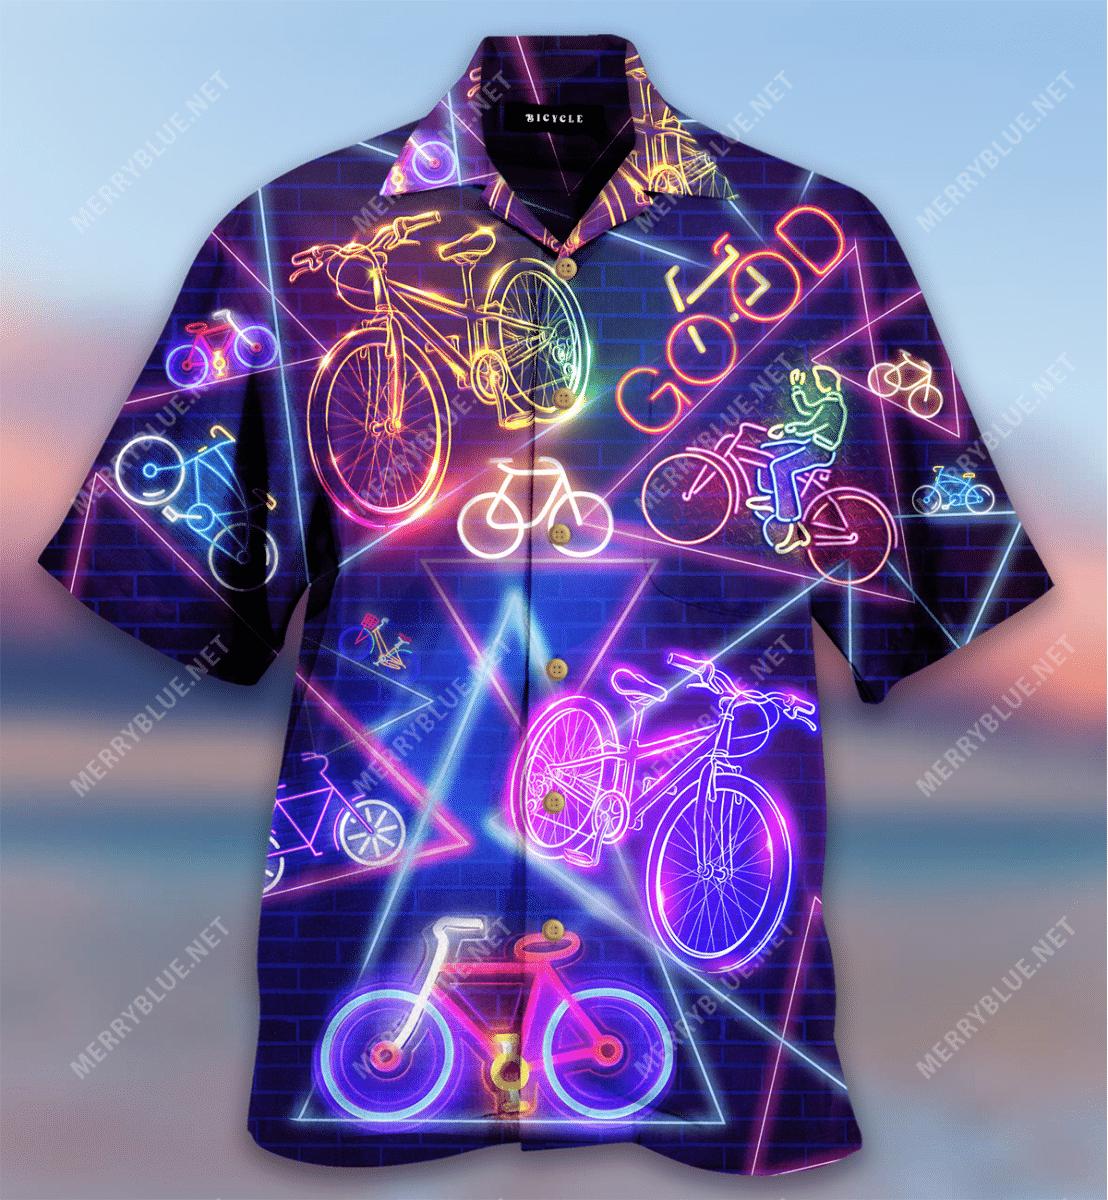 Bicycle Life Is Good Hawaiian Shirt